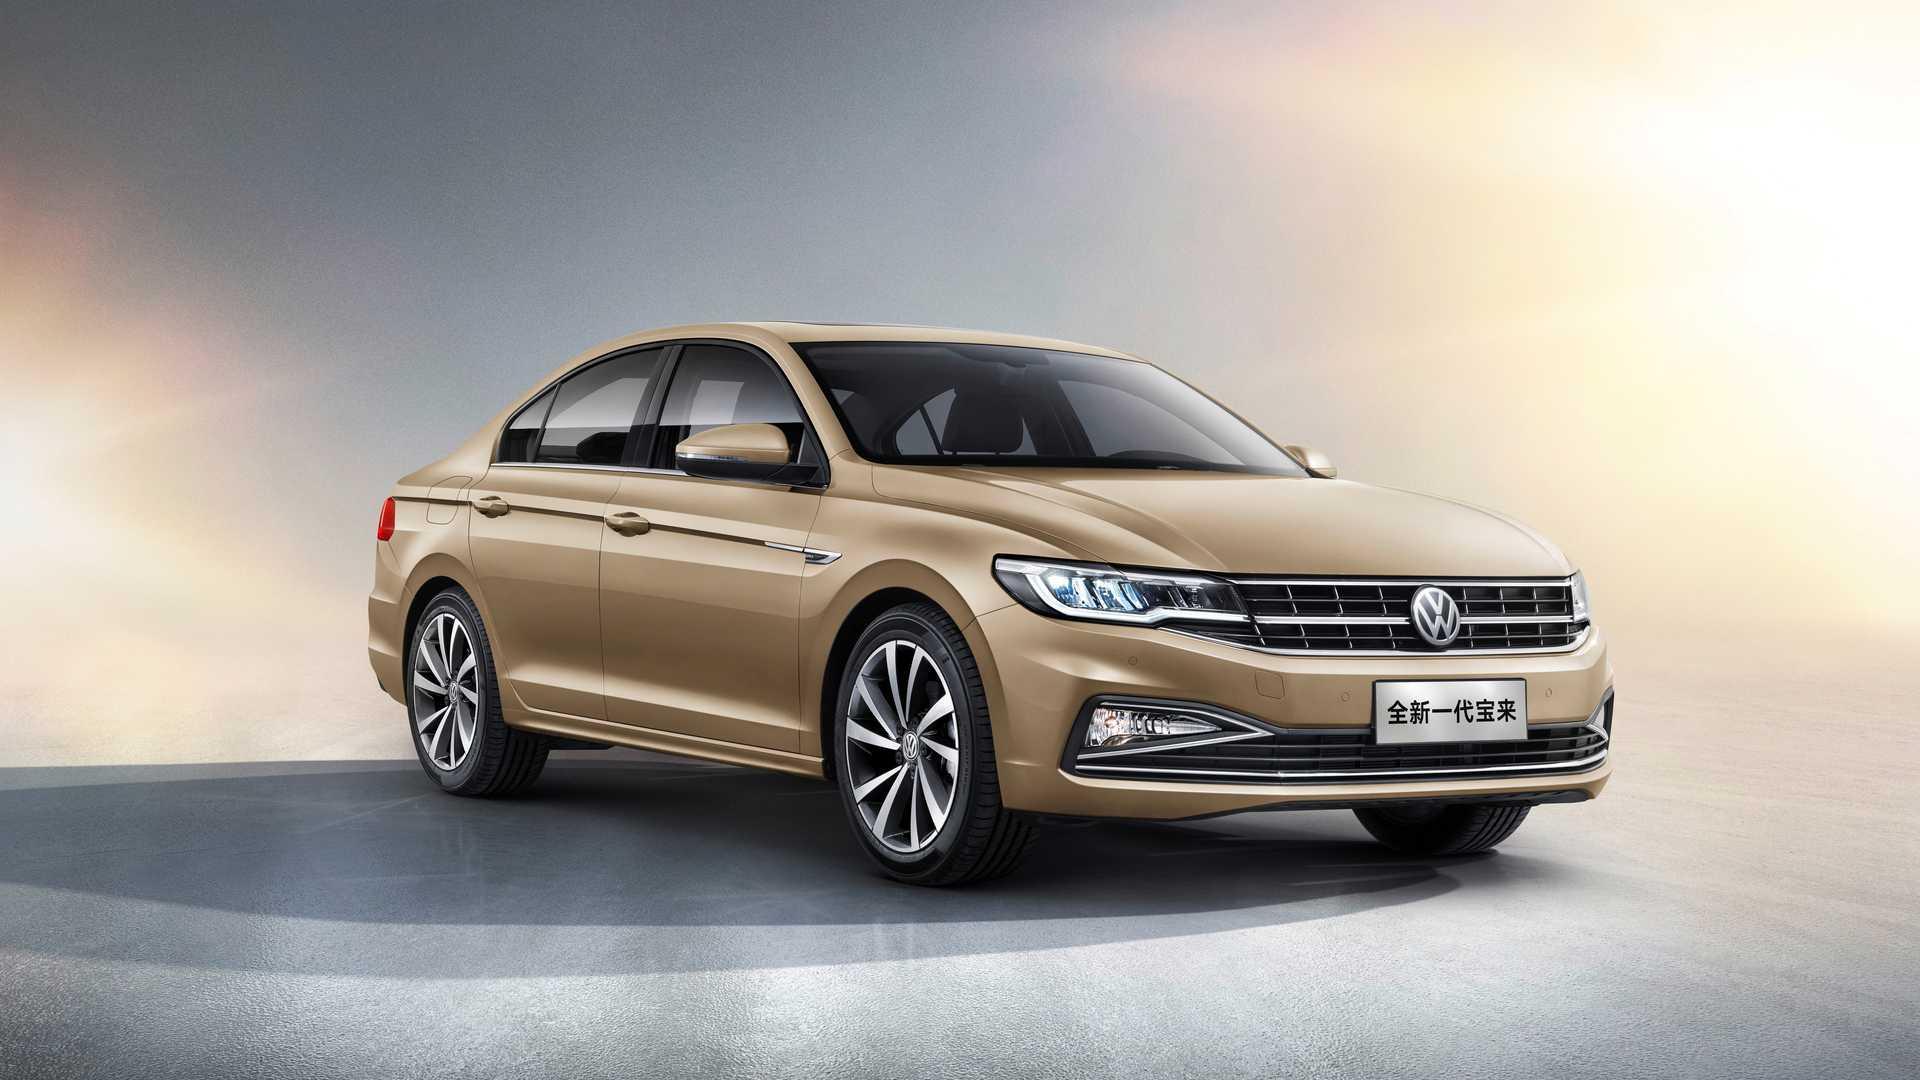 Proizvodnja automobila u Kini se vratila na 99,5 posto kapaciteta